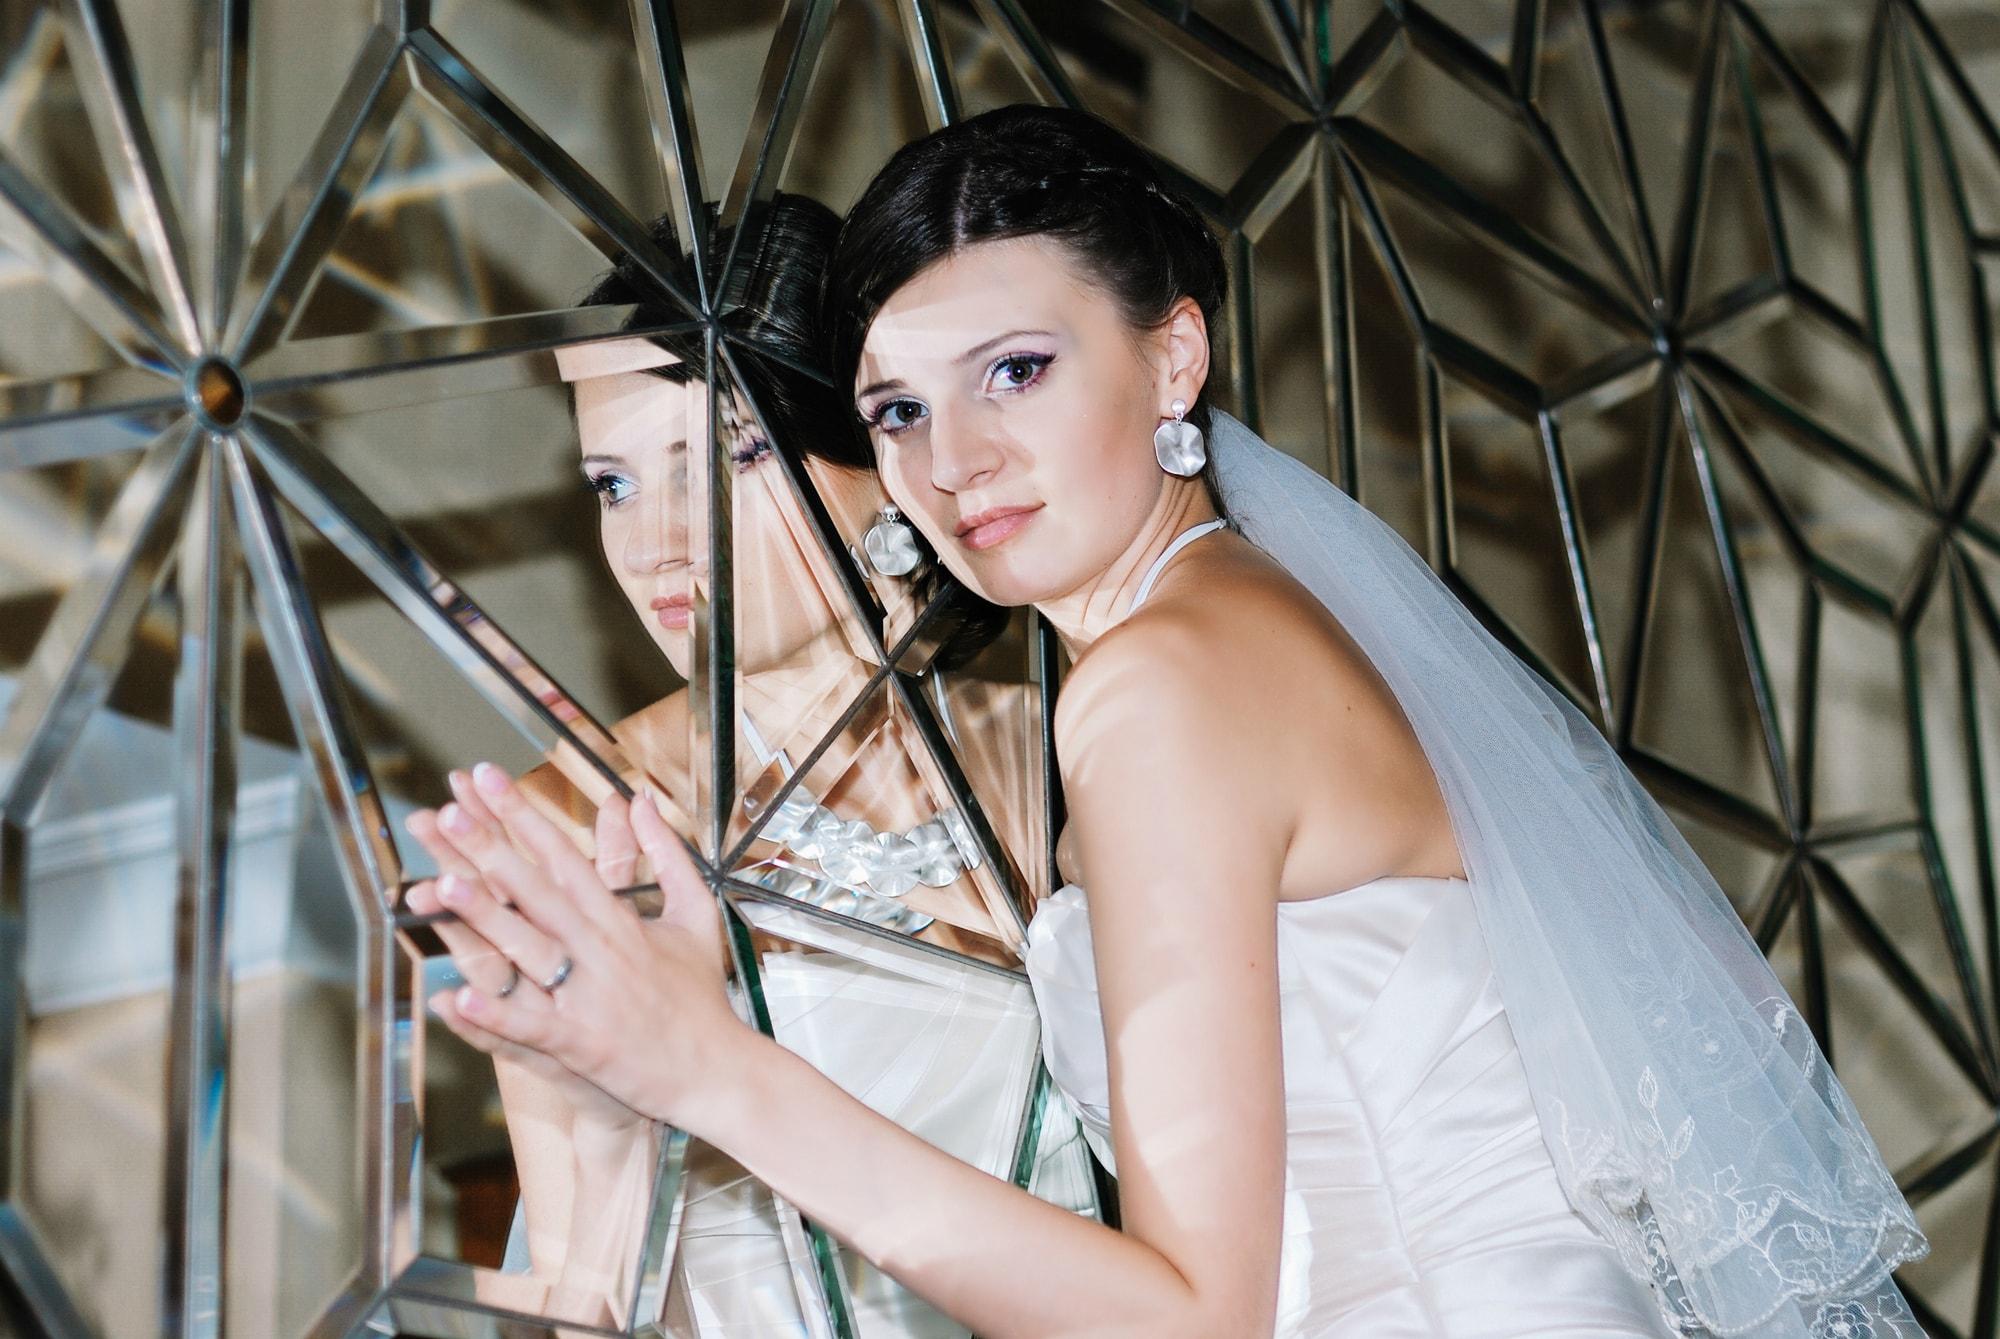 Невеста возле зеркальной стены - Фотограф Киев - Женя Лайт